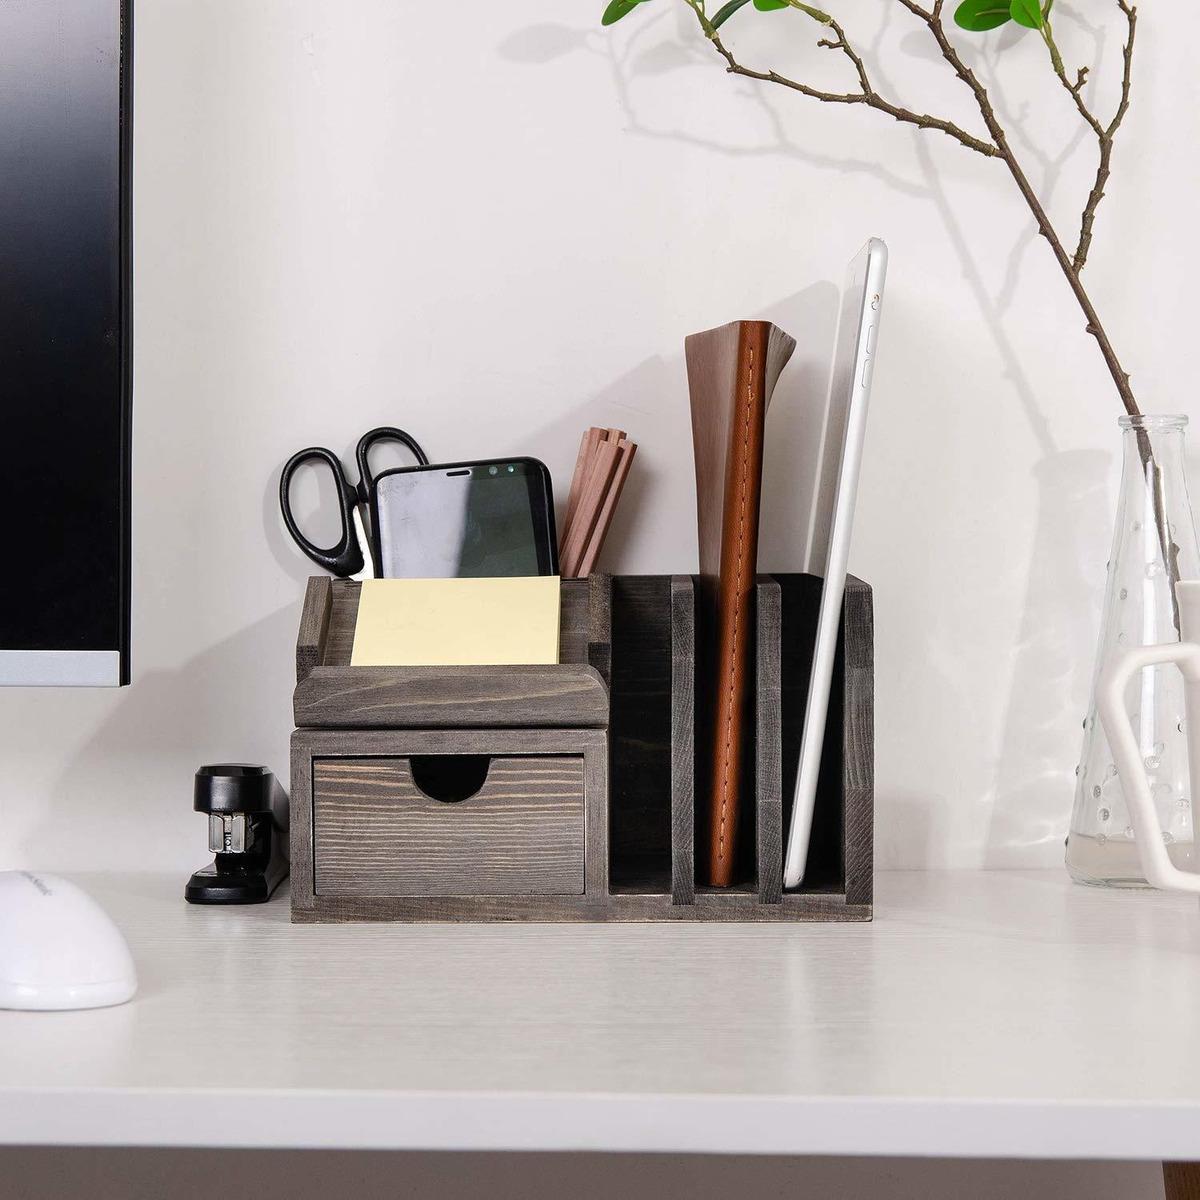 Rusticity de Madera Organizador de Escritorio para Oficina y casa-4 Compartimentos 7.7x4.6 en Hecha a Mano